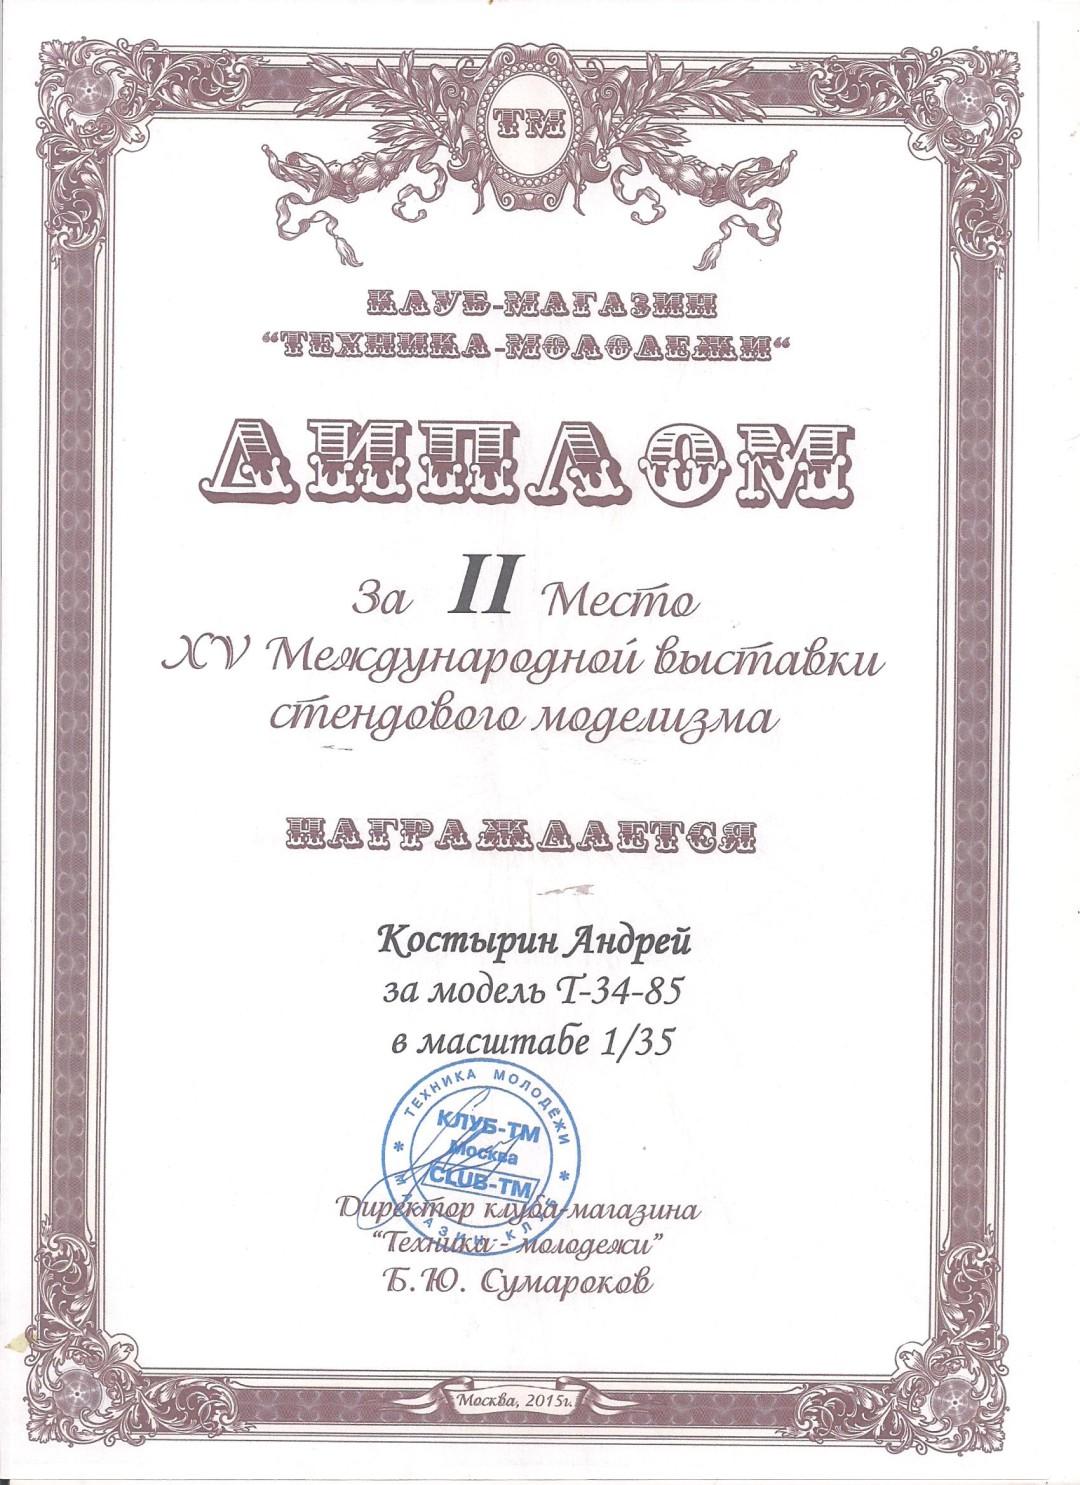 Костырин Андрей 2 место на XV международной выставке стендового моделизма